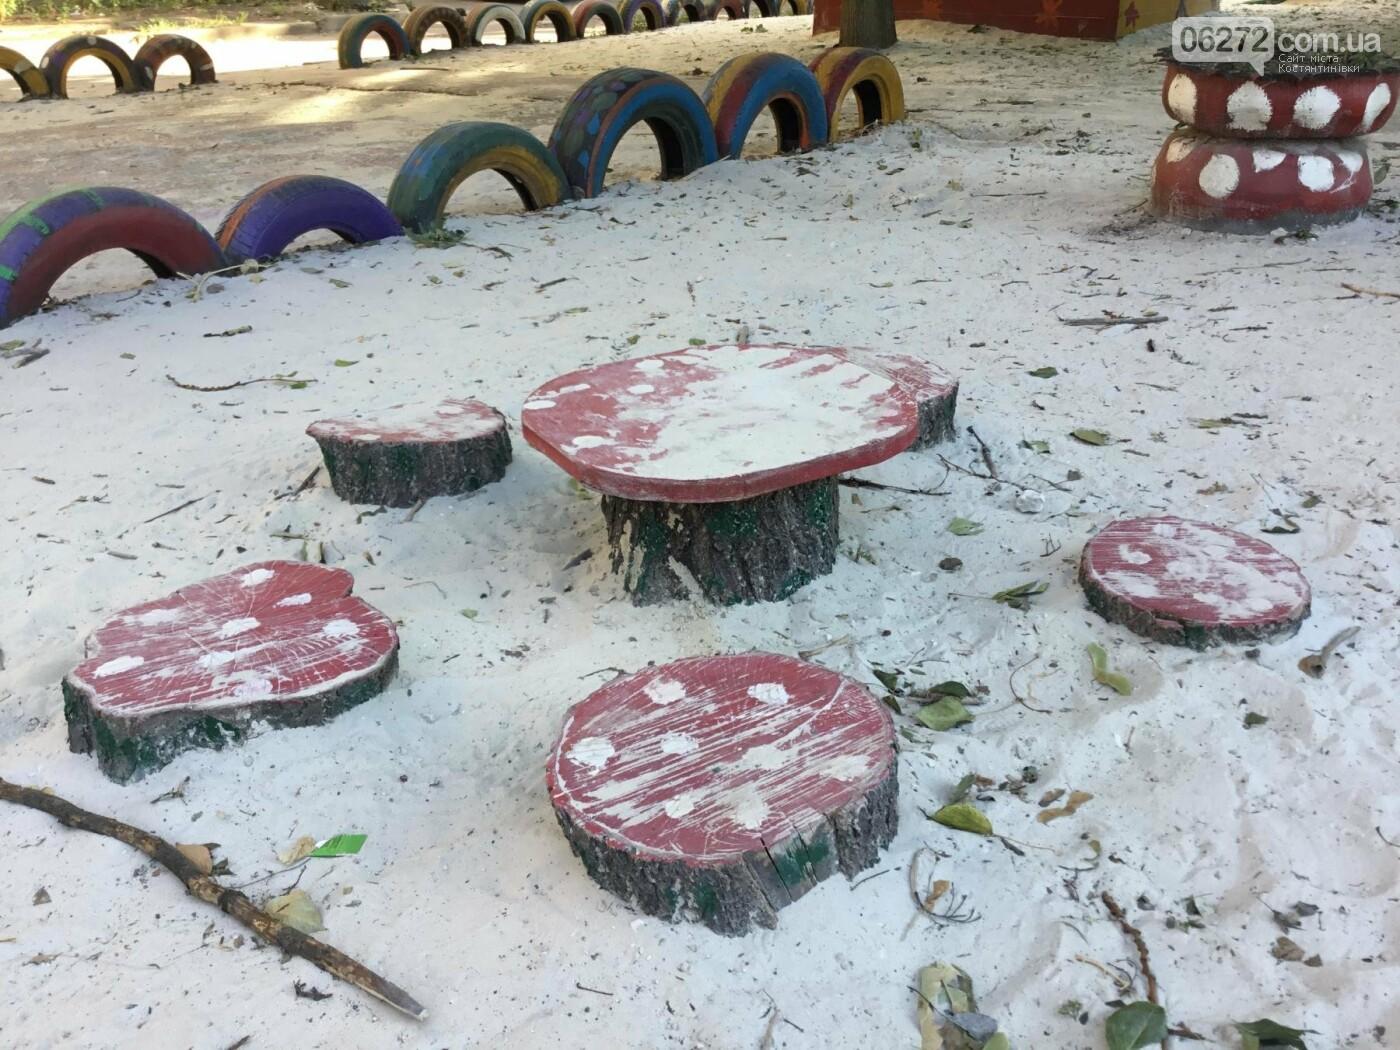 В Константиновке по ул. Безнощенко молодежь сделала спортивную площадку для детей, фото-6